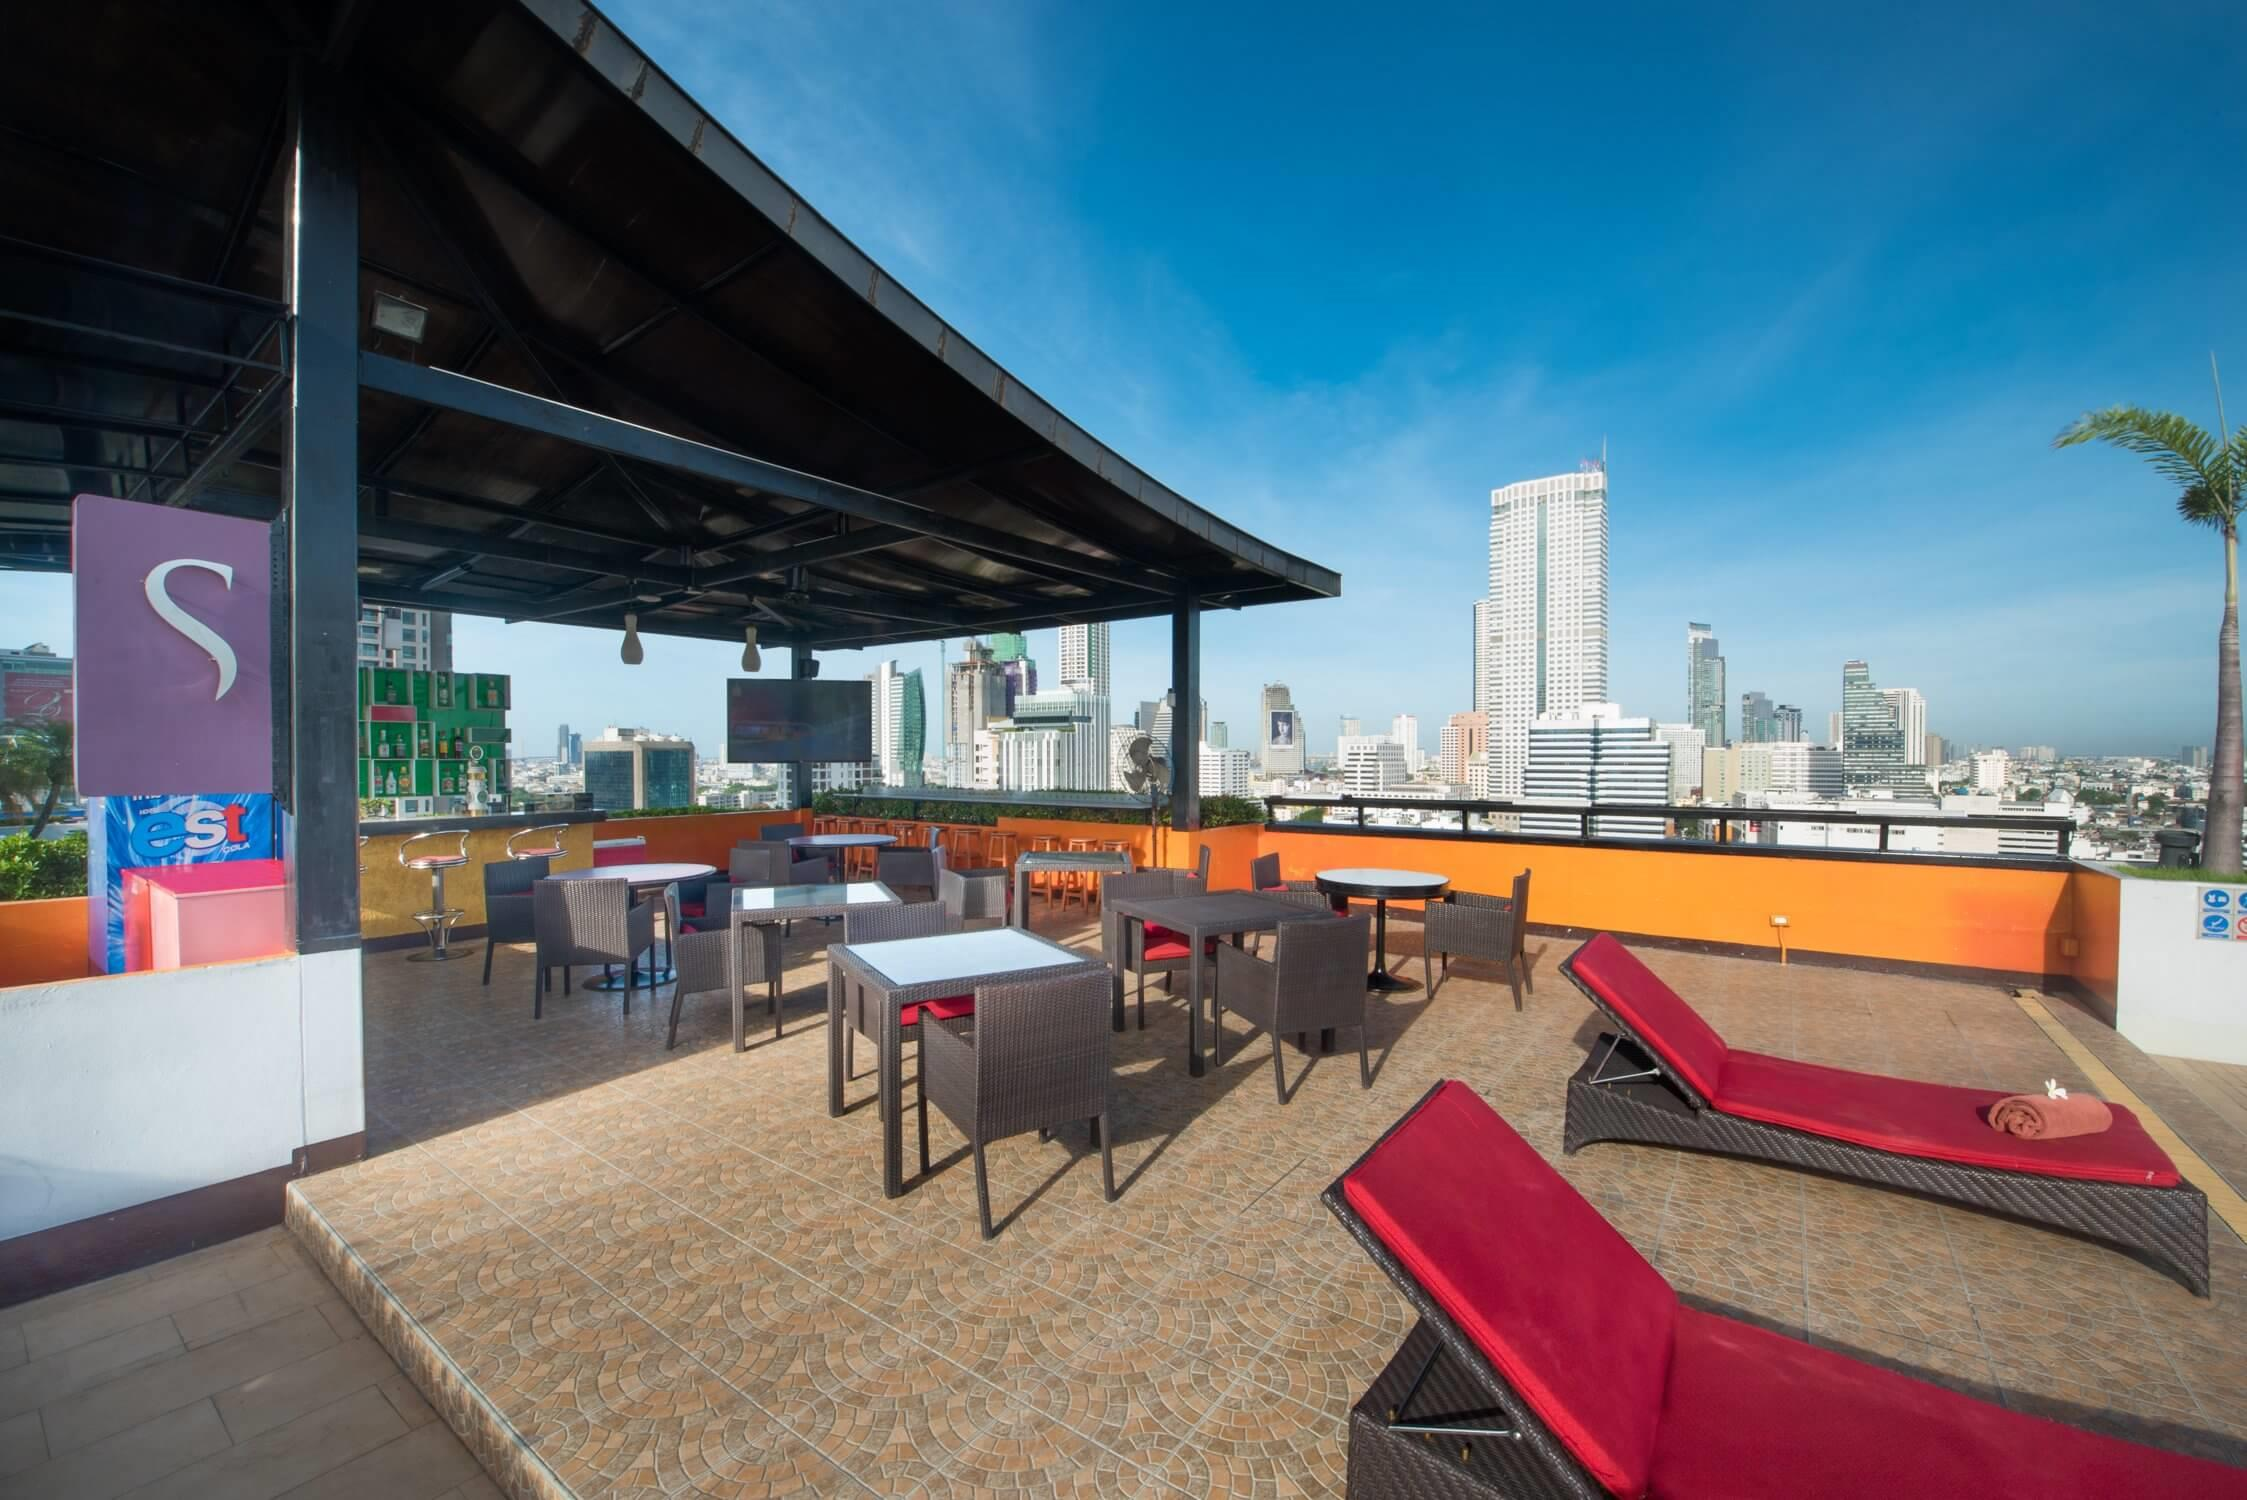 Furama Silom Hotel